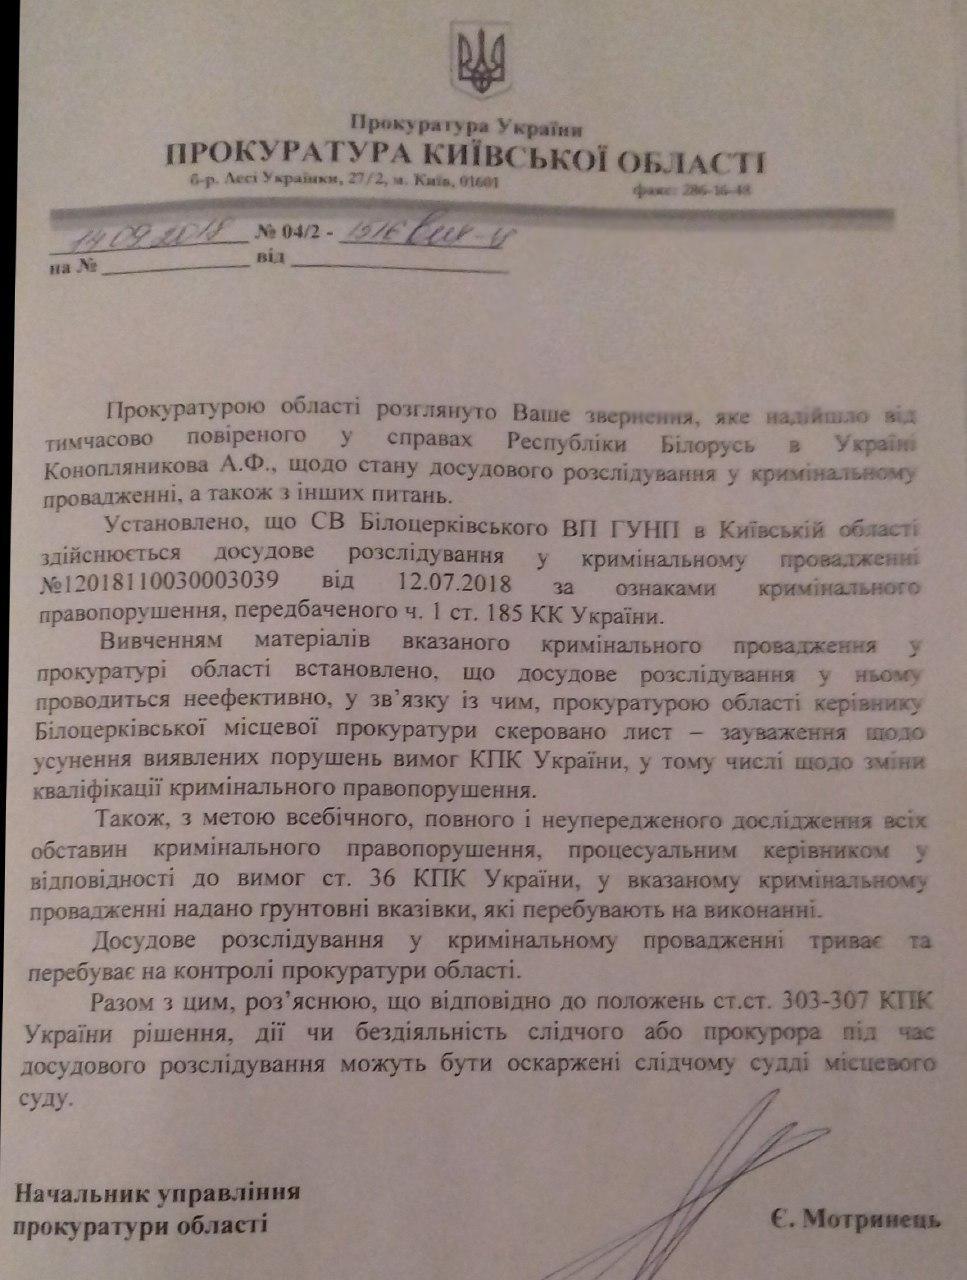 Спустя пару месяцев после ограбления в Украине на запрос белорусского посольства турист получил письмо от местной прокуратуры. Там признали: досудебное расследование проводится неэффективно